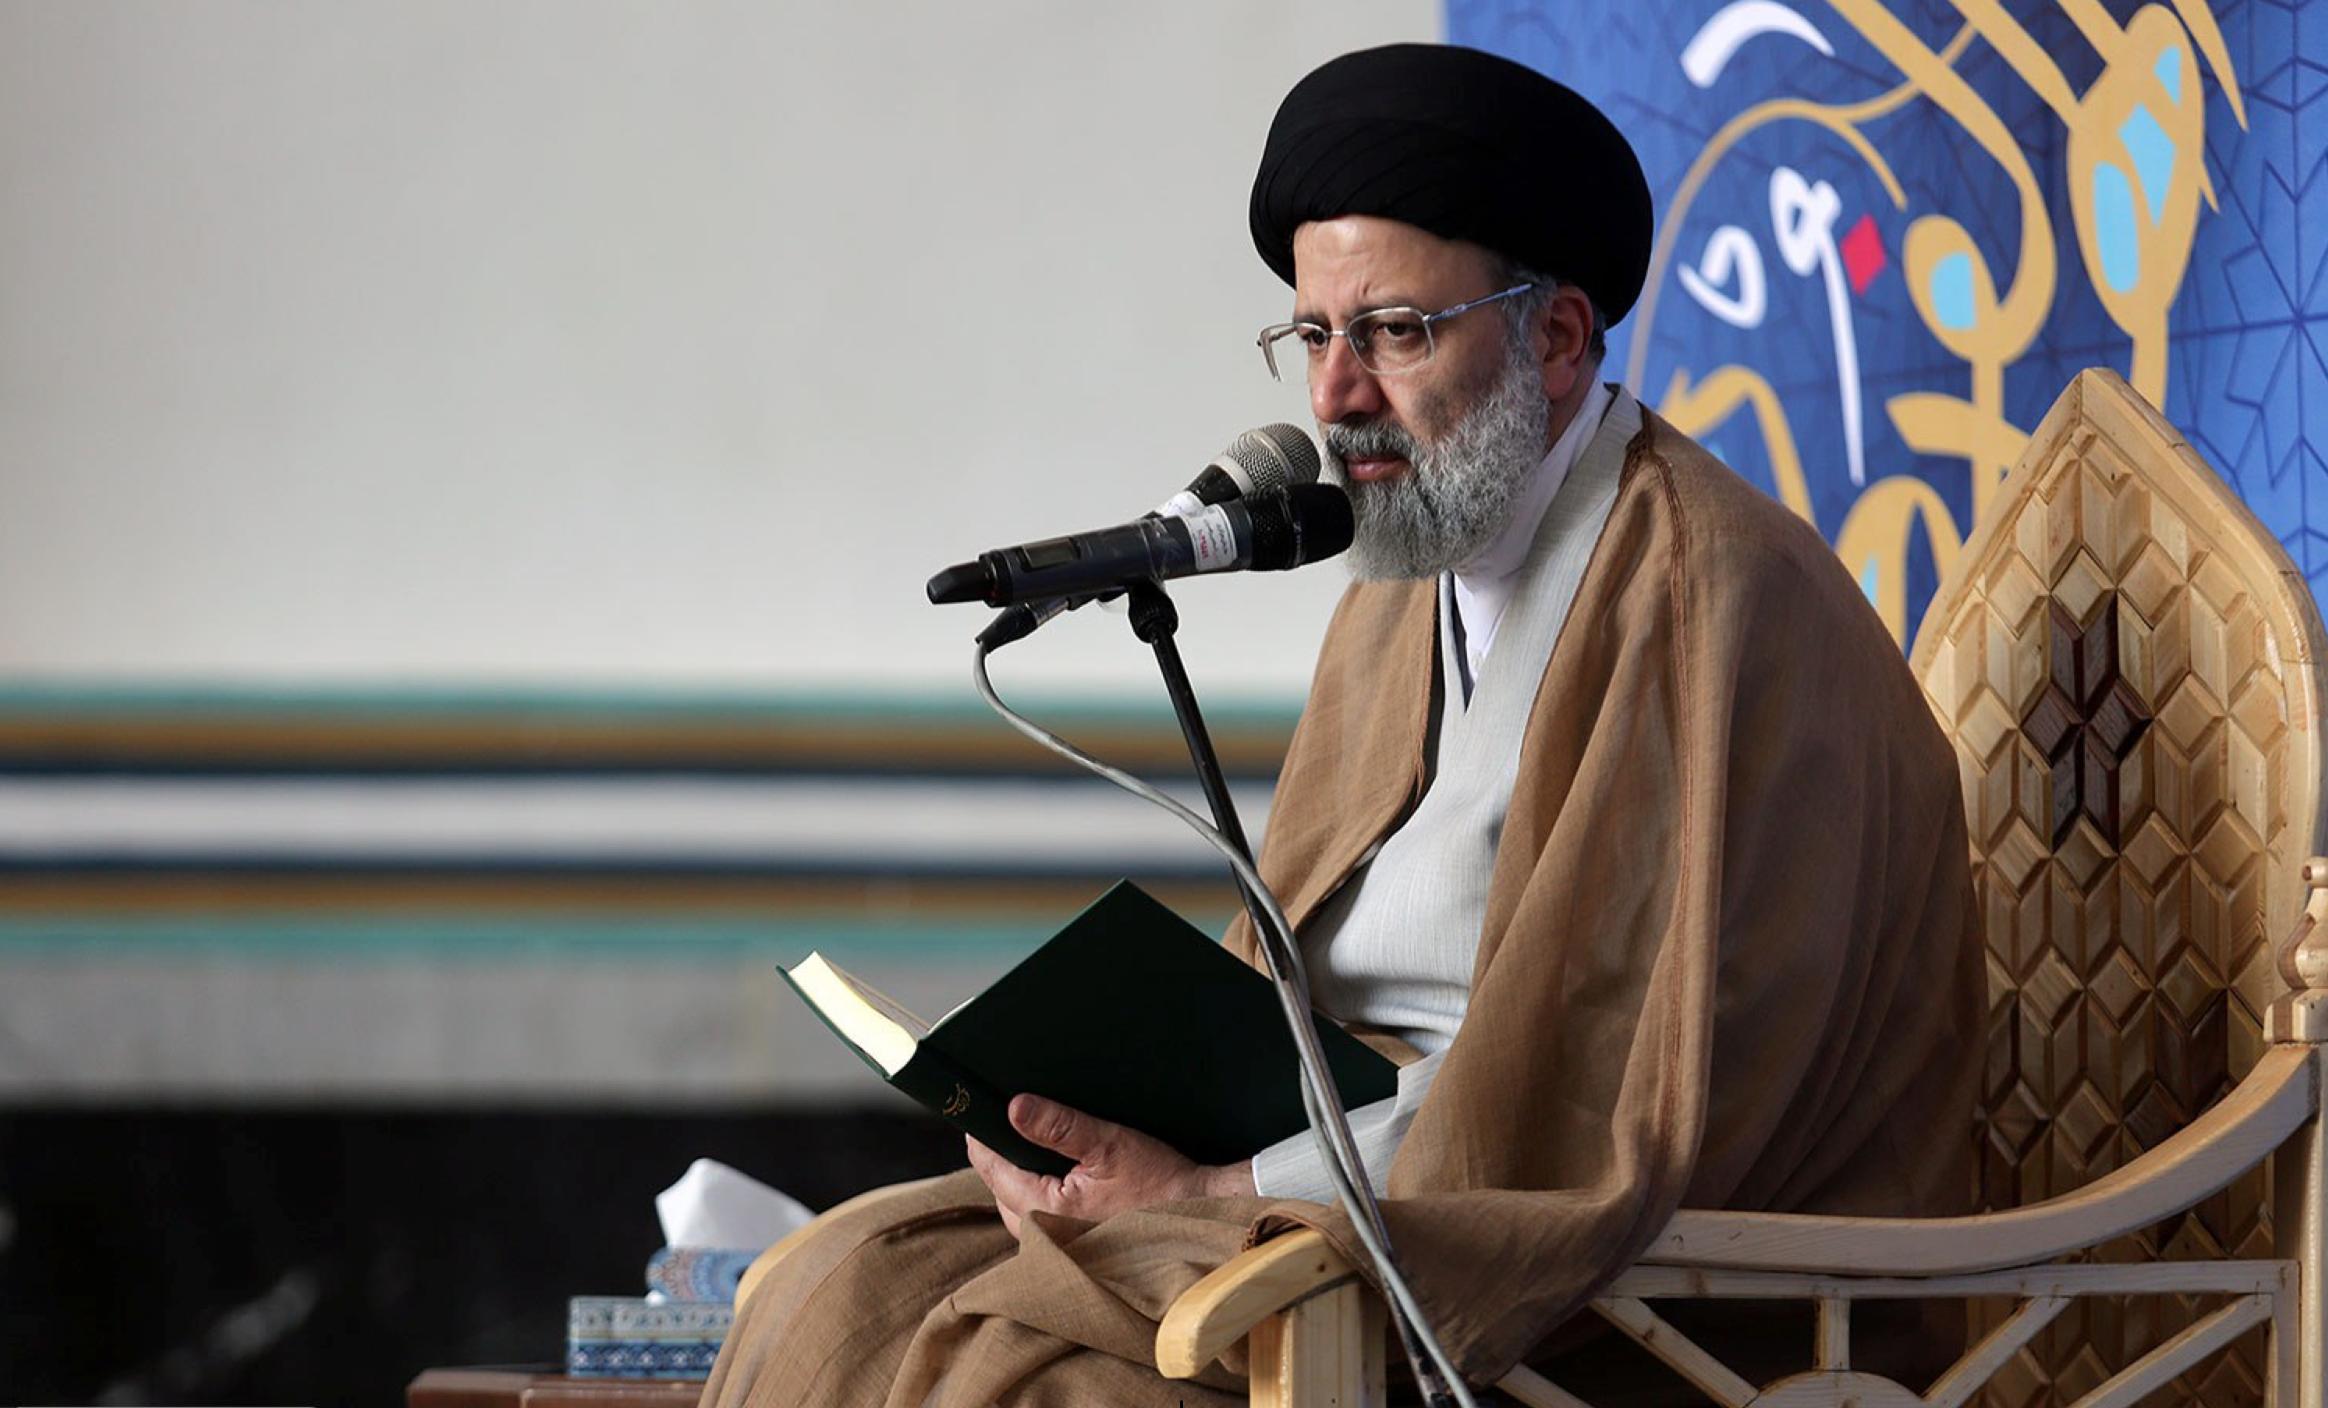 اگر مجاهدان نبودند امروز امنیت نداشتیم